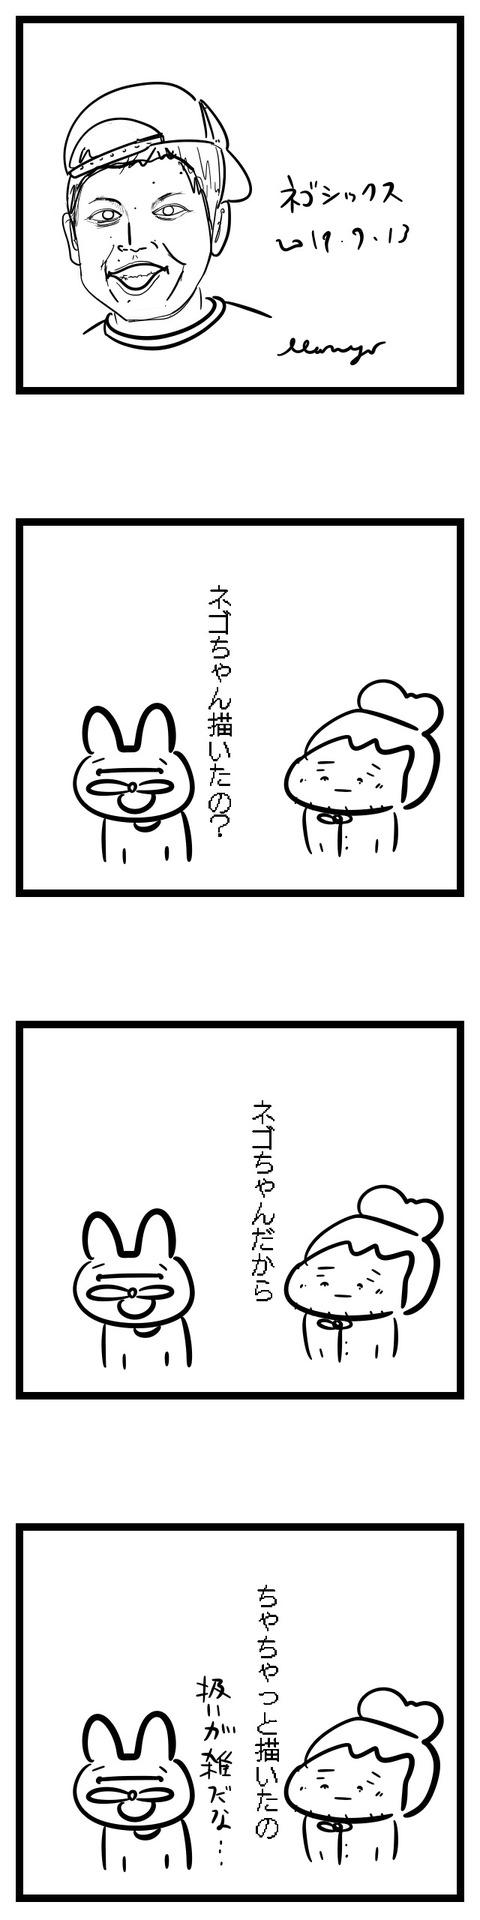 71似顔絵ネゴシックス